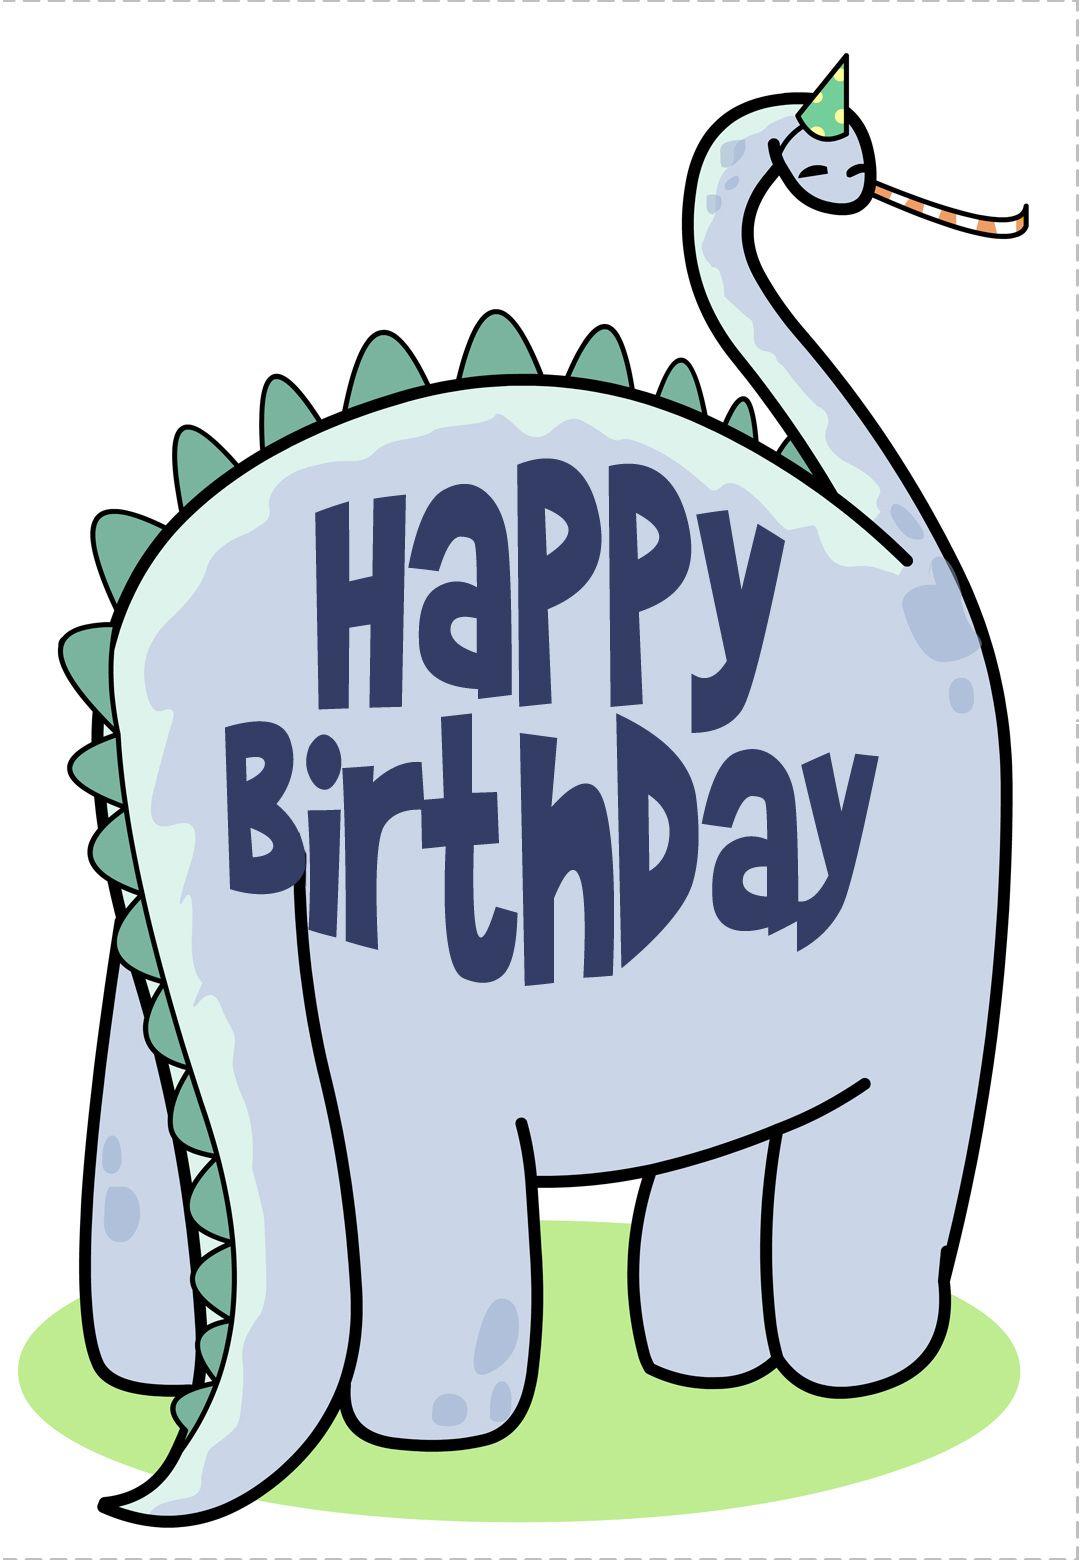 Free Printable Birthday Card Dinosaur Greetings Island Birthday Wishes Greeting Cards Birthday Card Printable Birthday Wishes Greetings